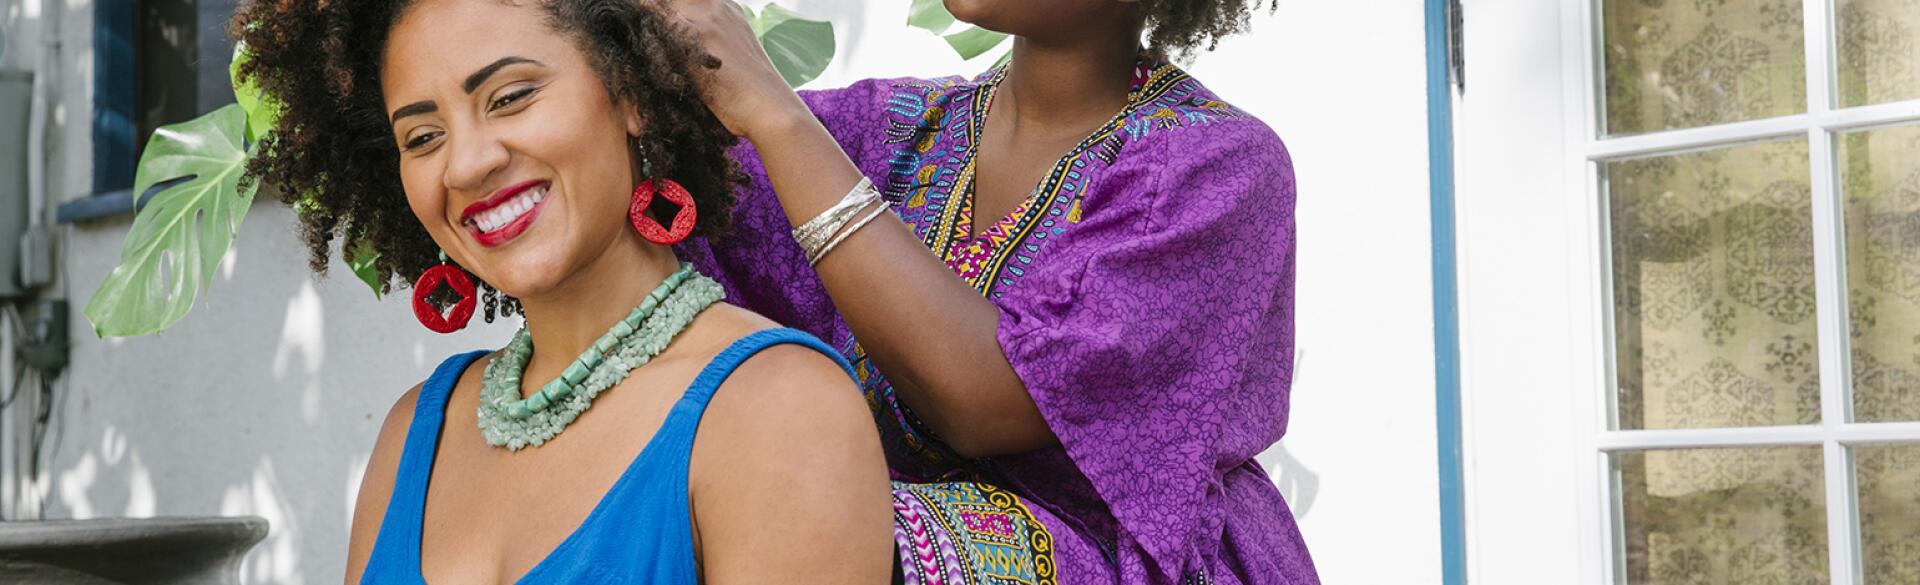 AARP, Sisters, hairdresser